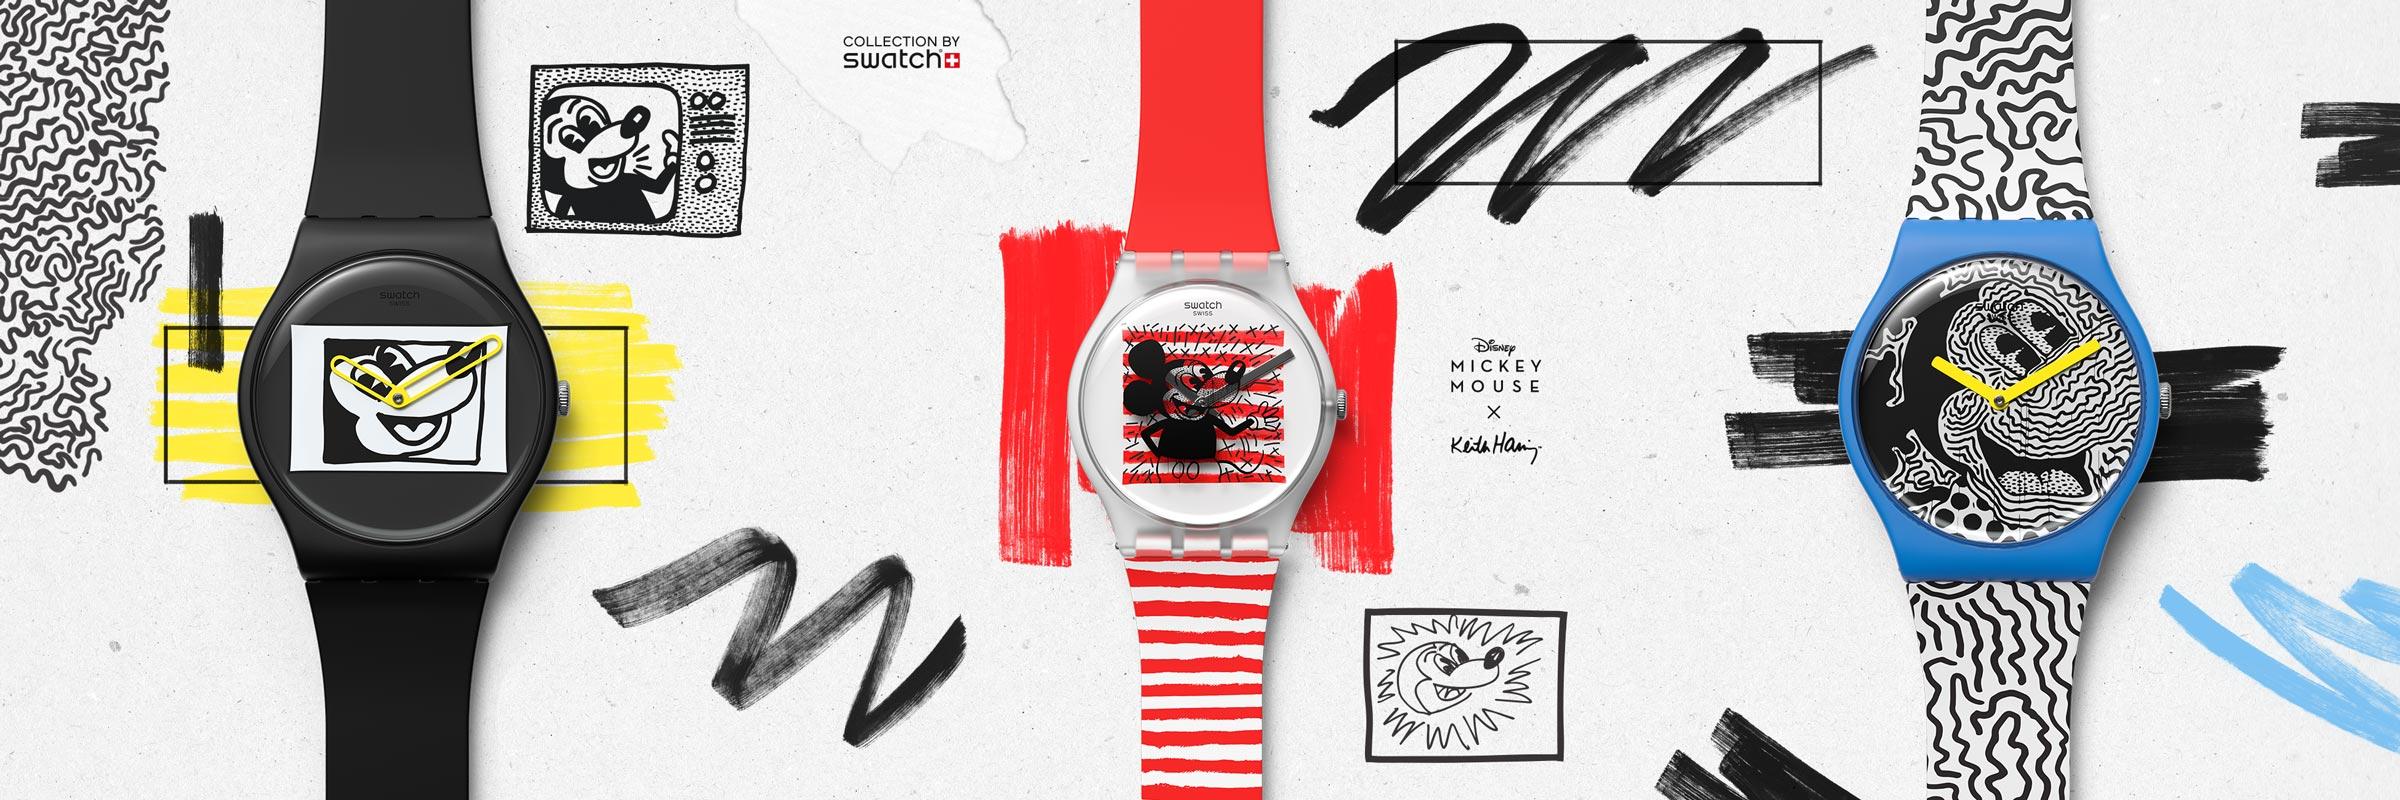 swatch_kh_header_2